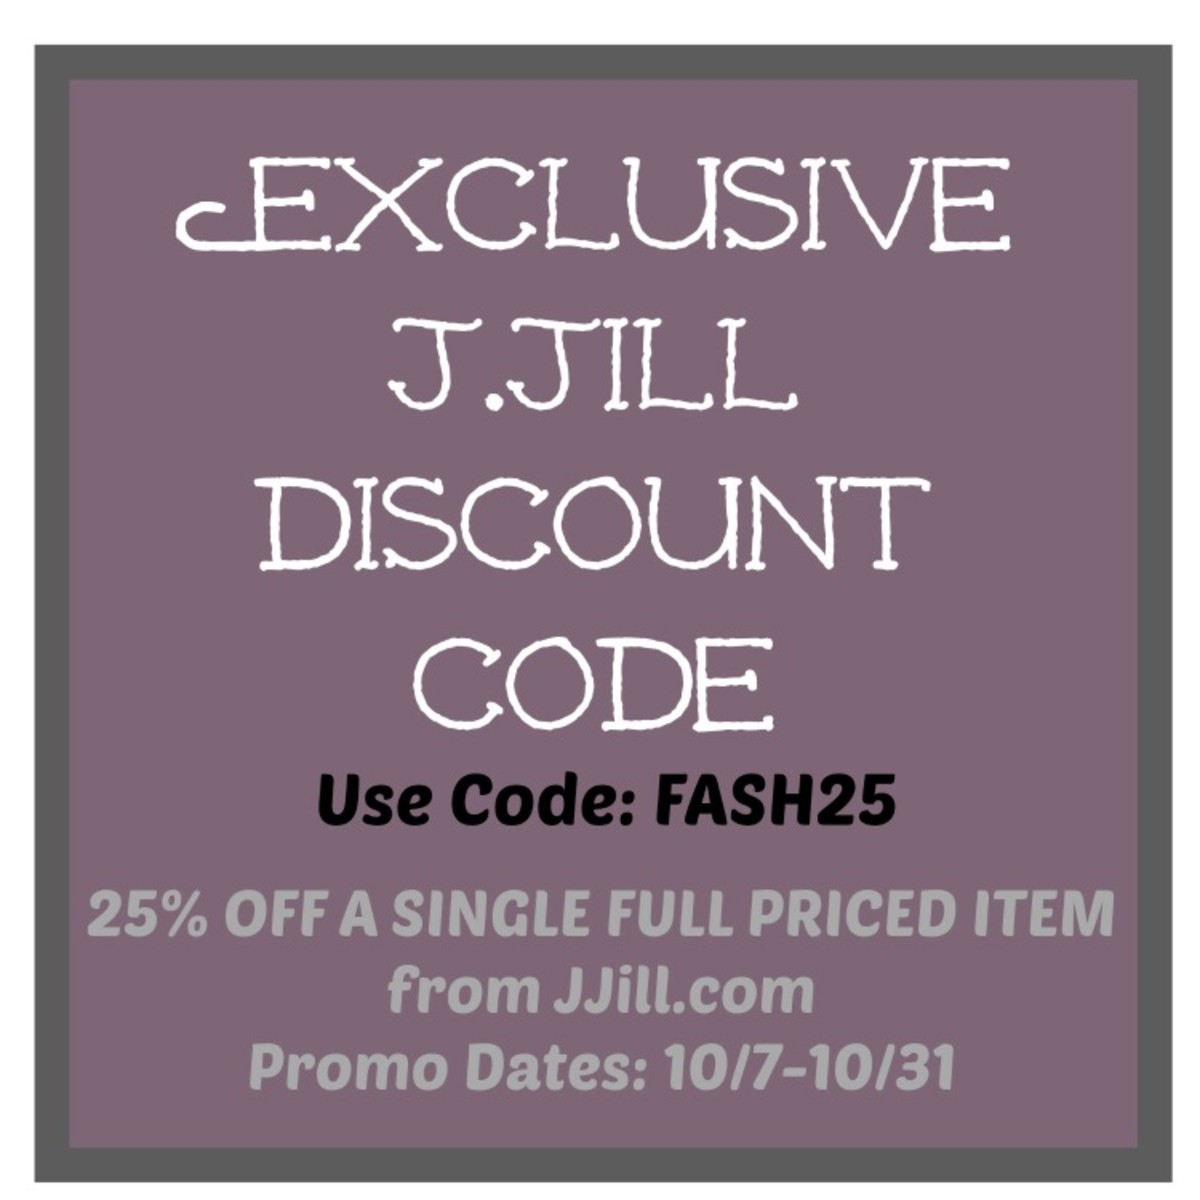 j.jill coupon code